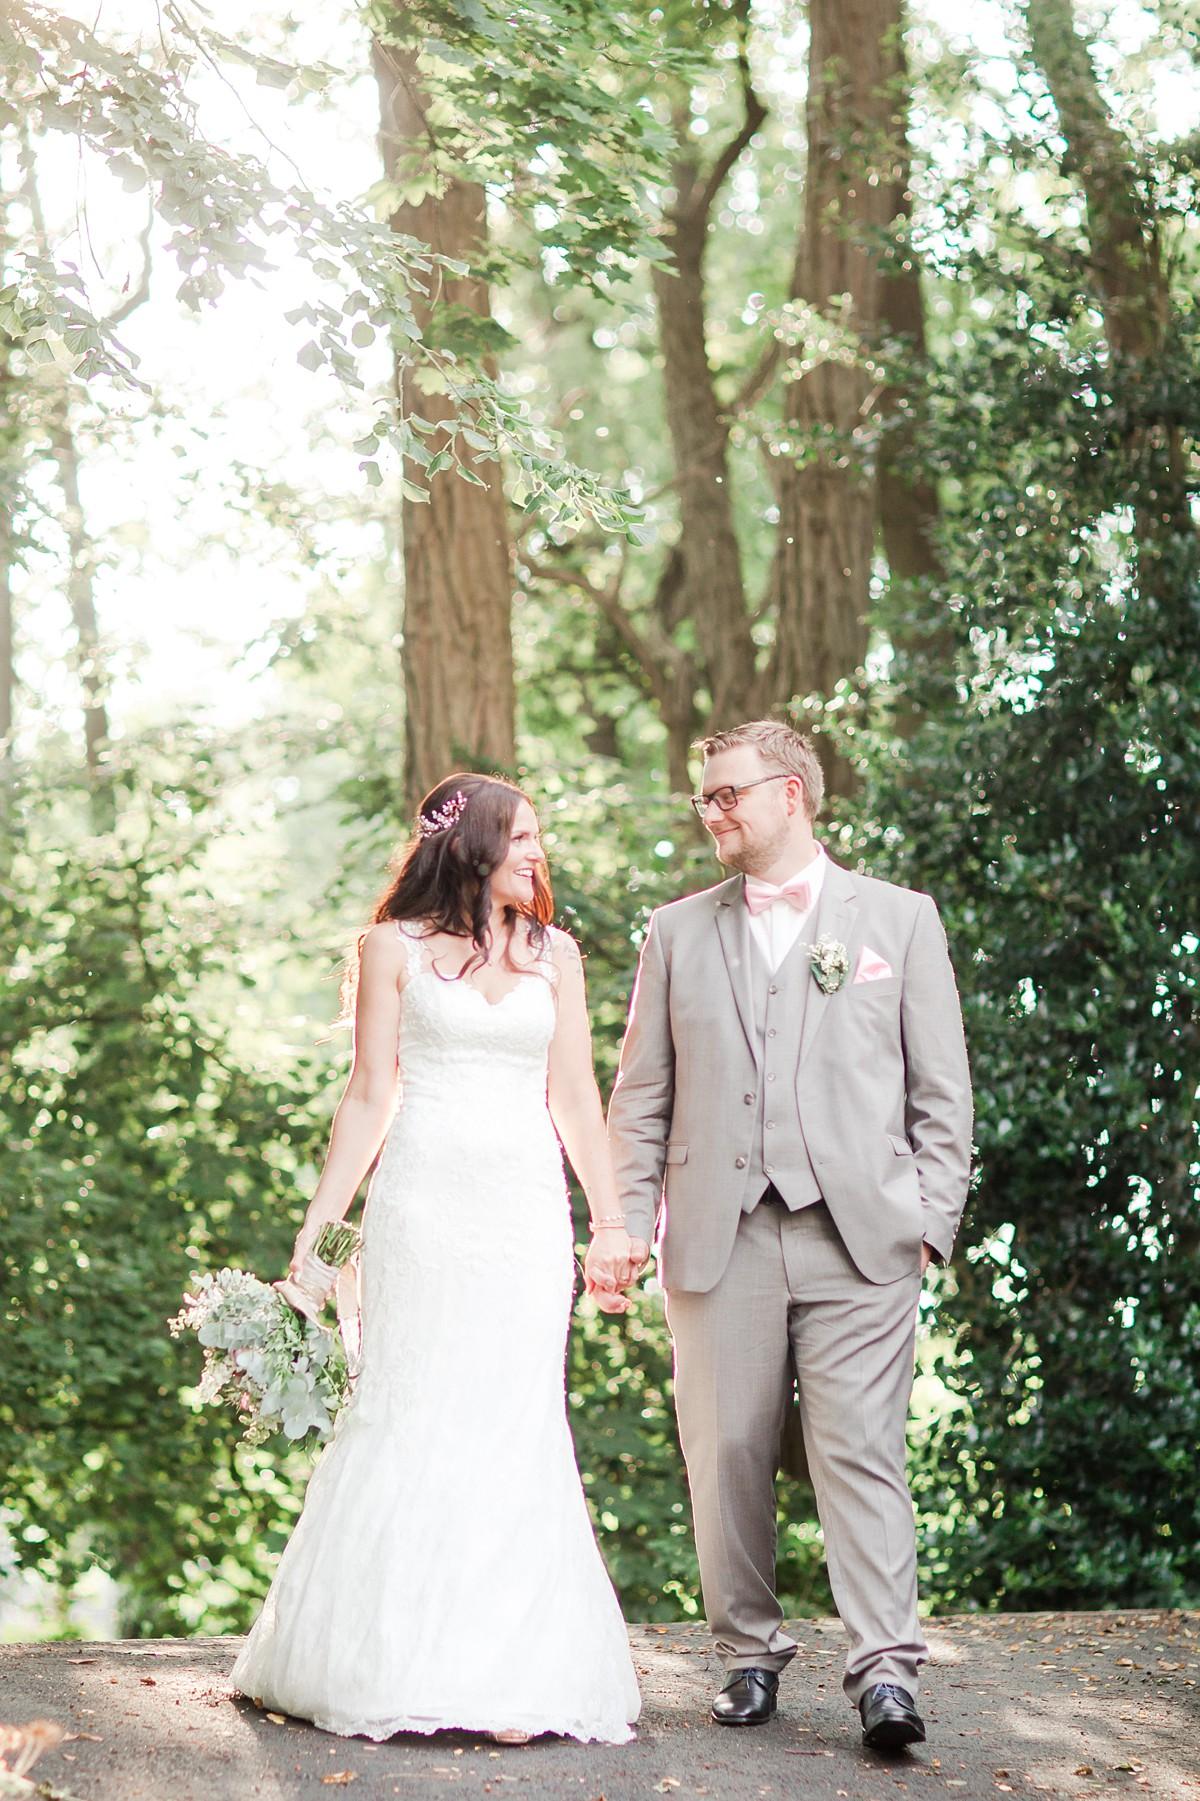 Hochzeitsfotograf-schloss-ovelgoenne_0092